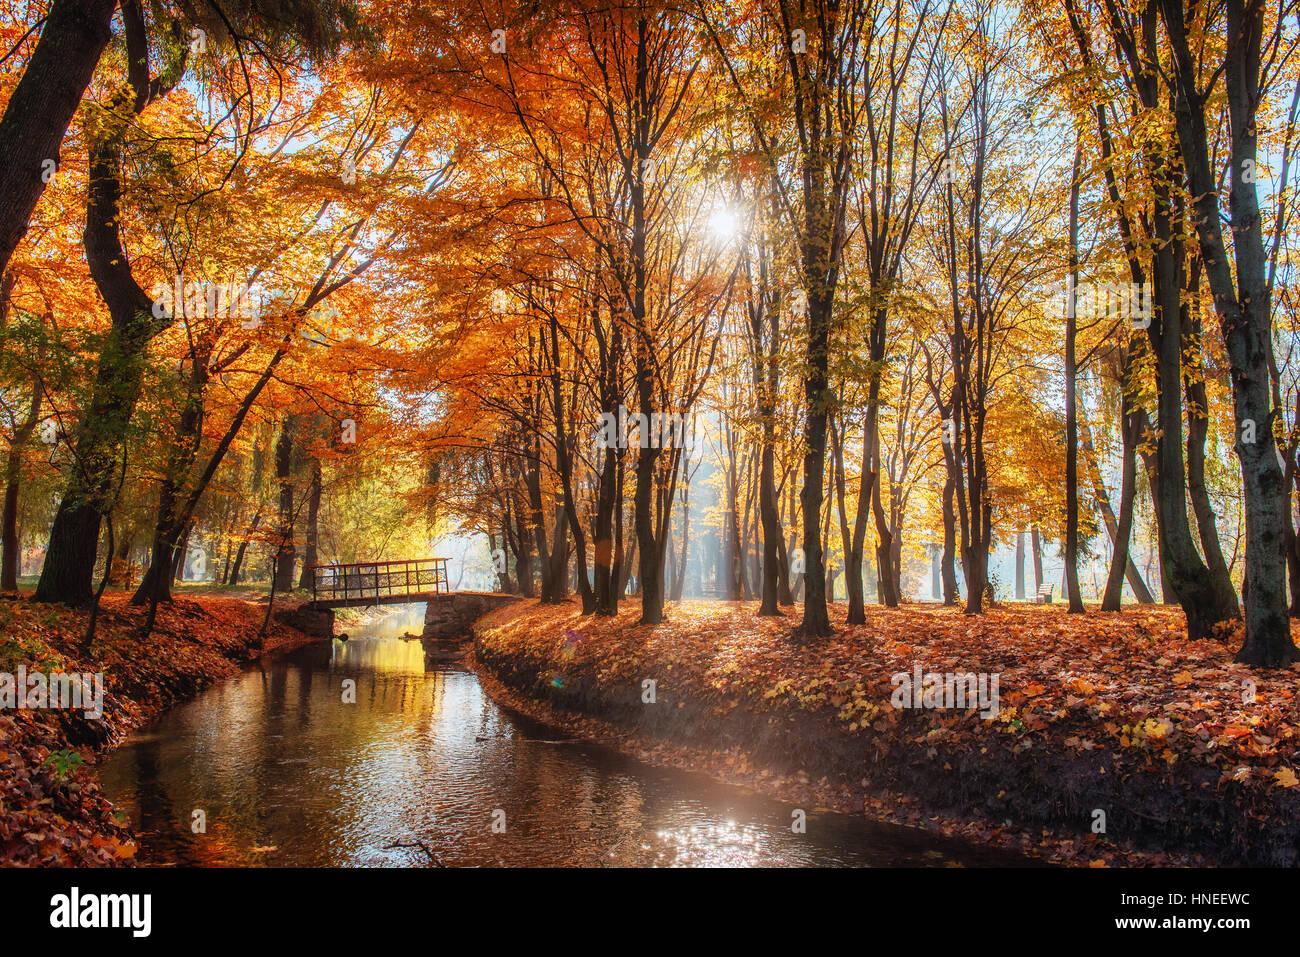 A piedi via ponte sul fiume con alberi colorati Immagini Stock